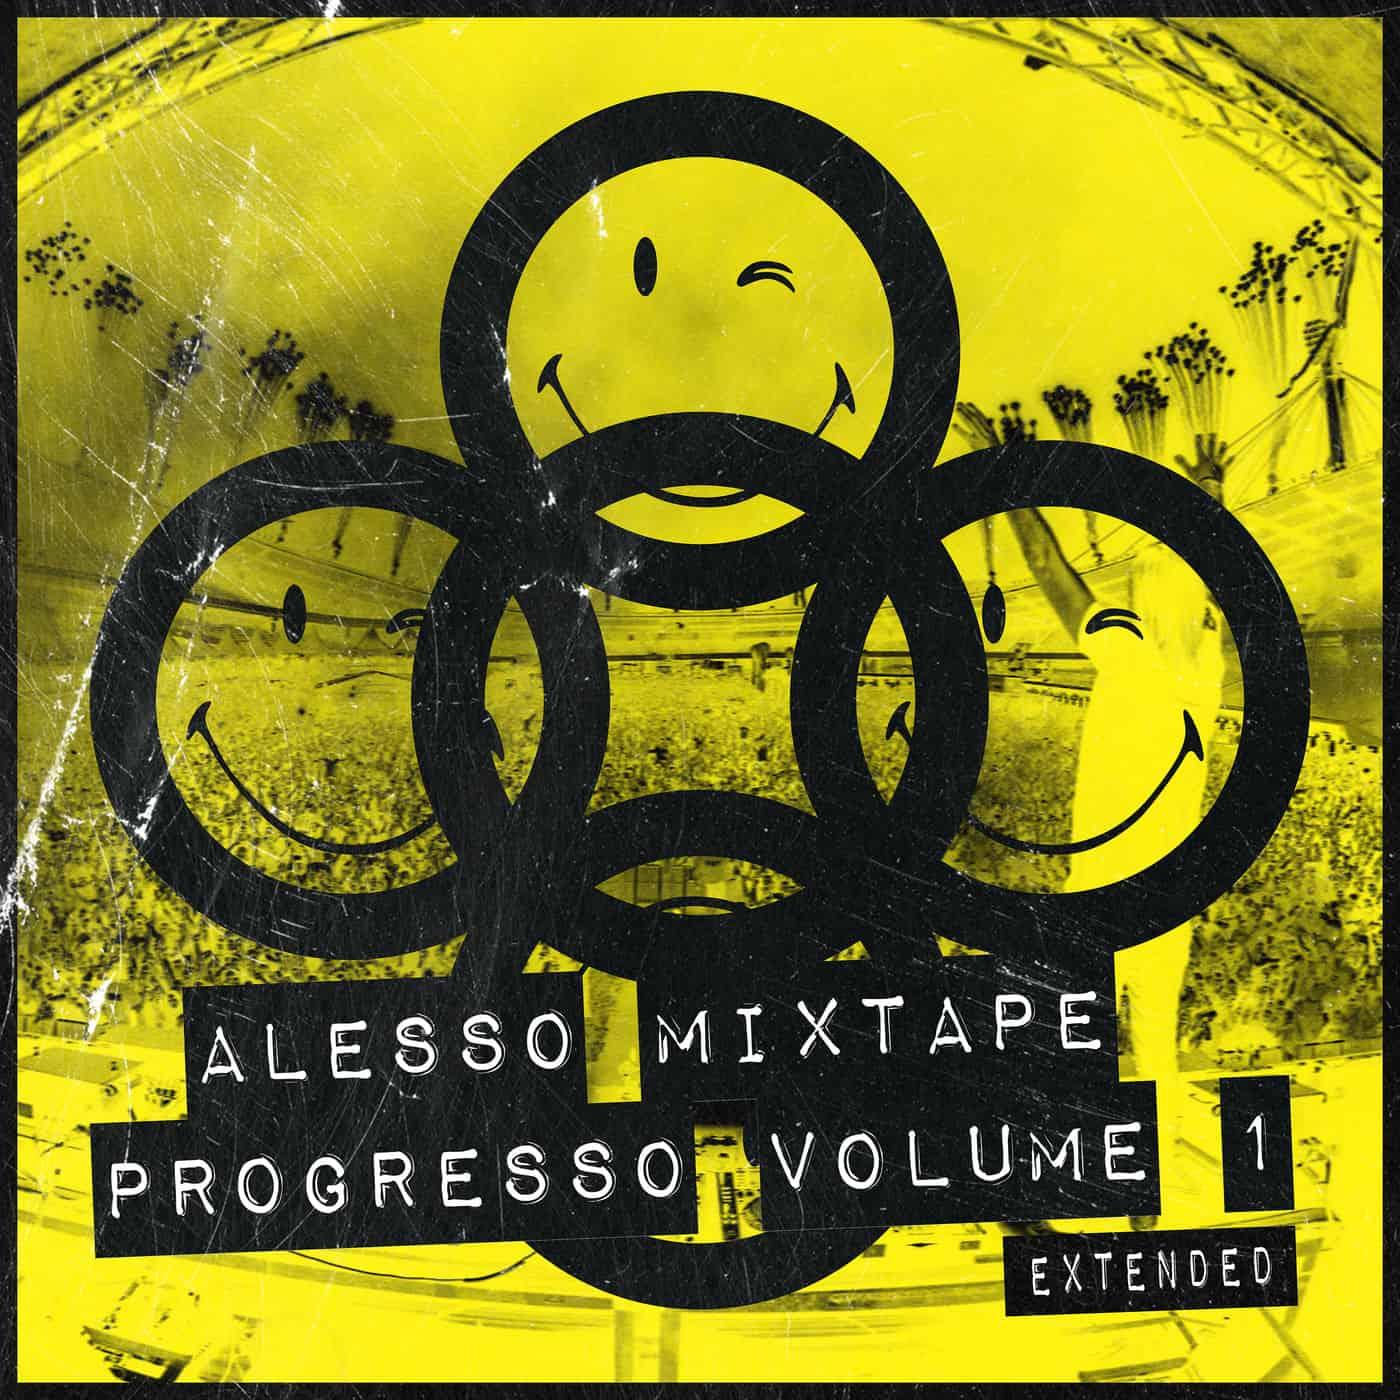 It's Alesso TIME: Mixtape-Progresso Volume 1